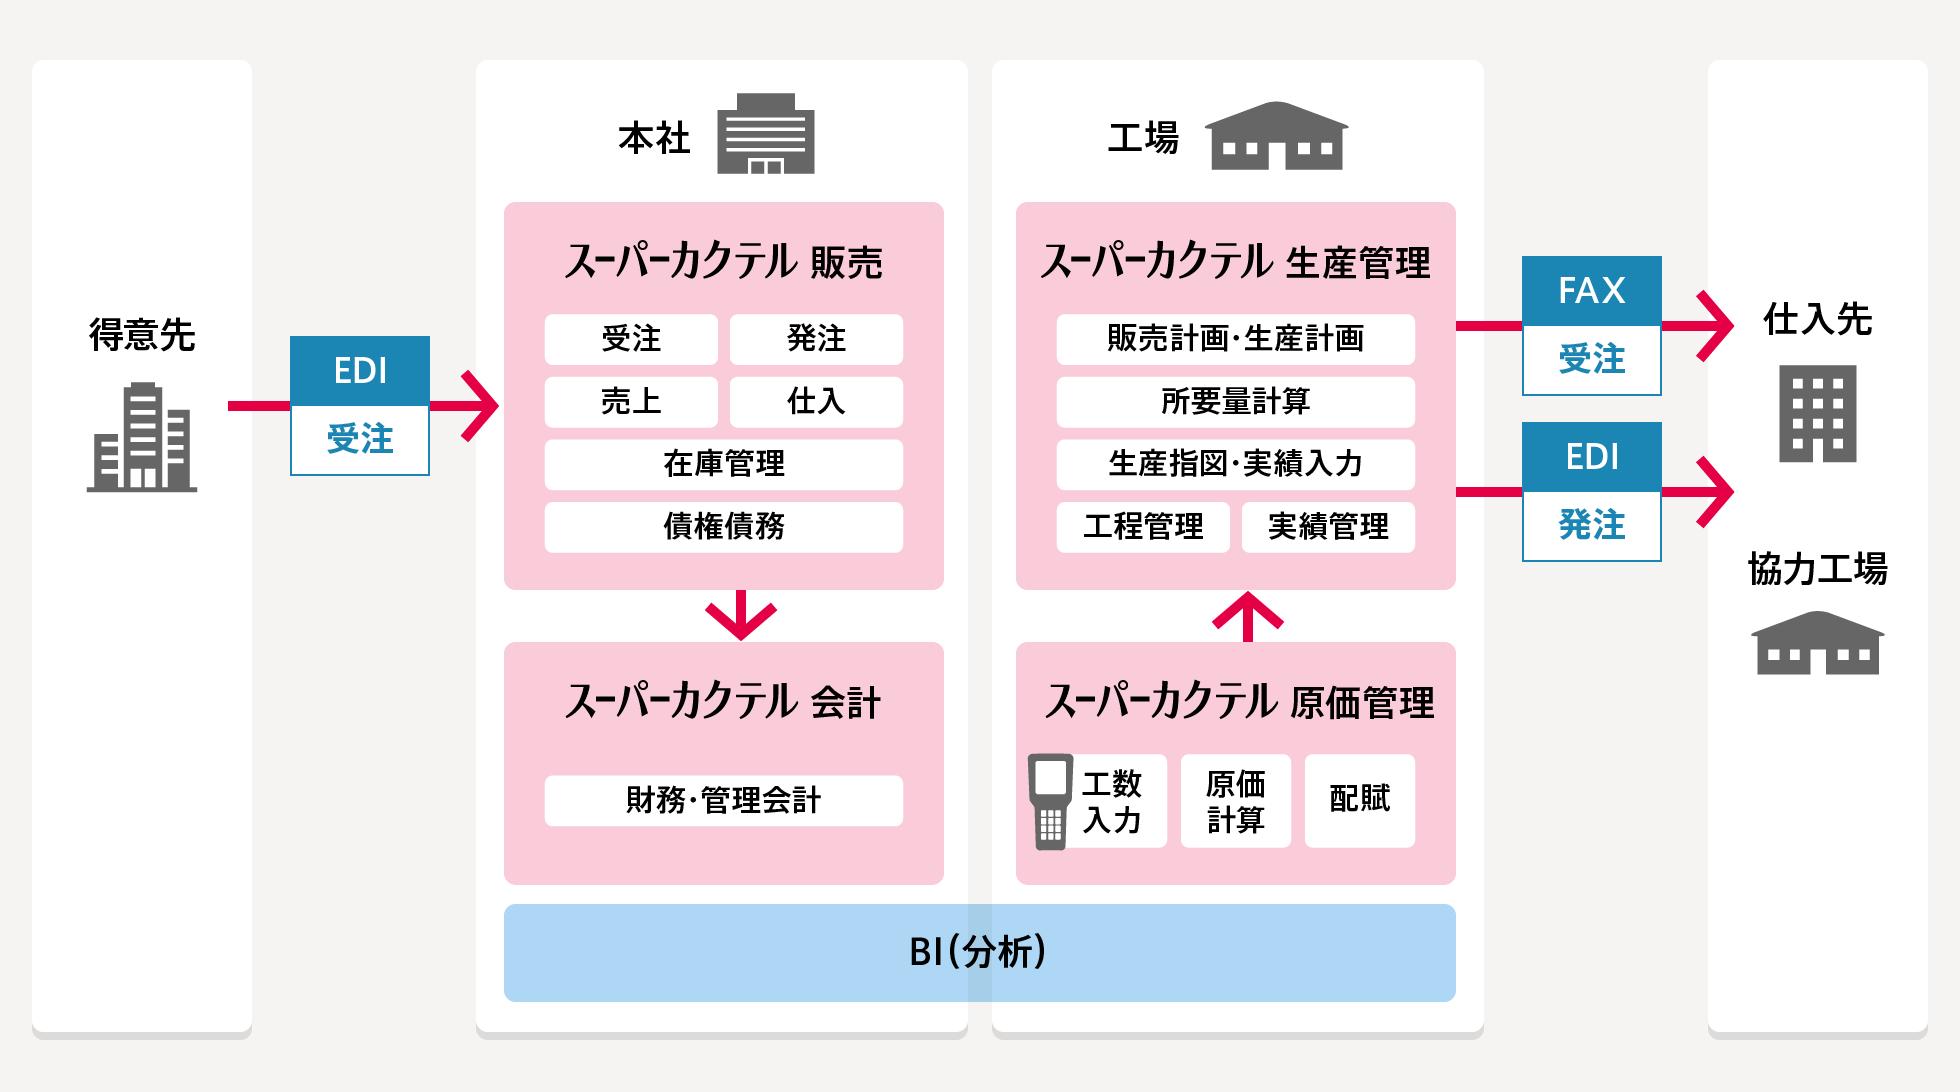 製造業 - 製品情報 | スーパーカクテル | 内田洋行